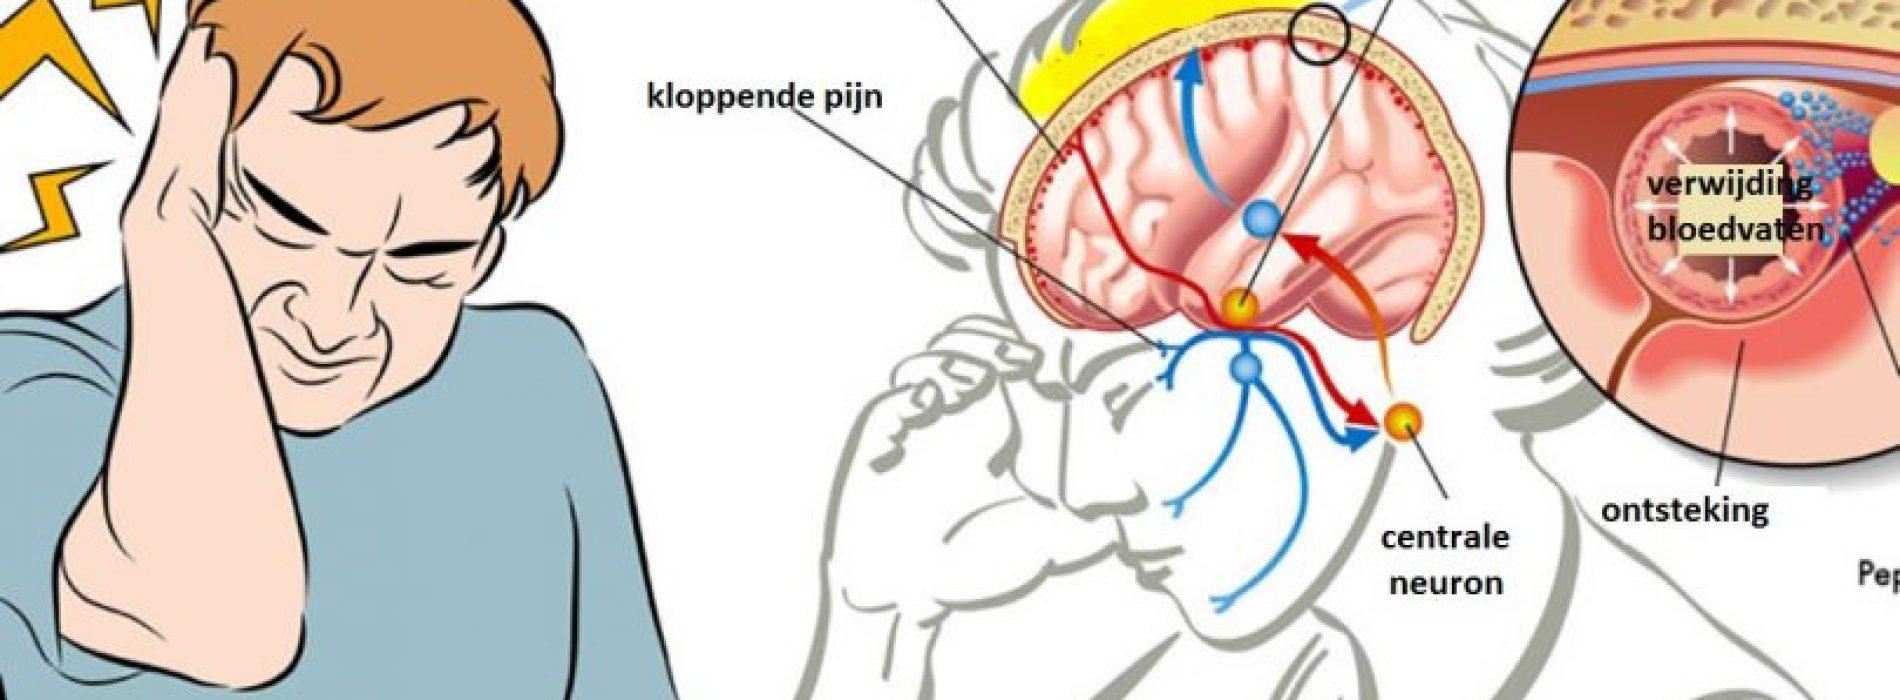 Stop hoofdpijn met het gebruiken van dit middeltje